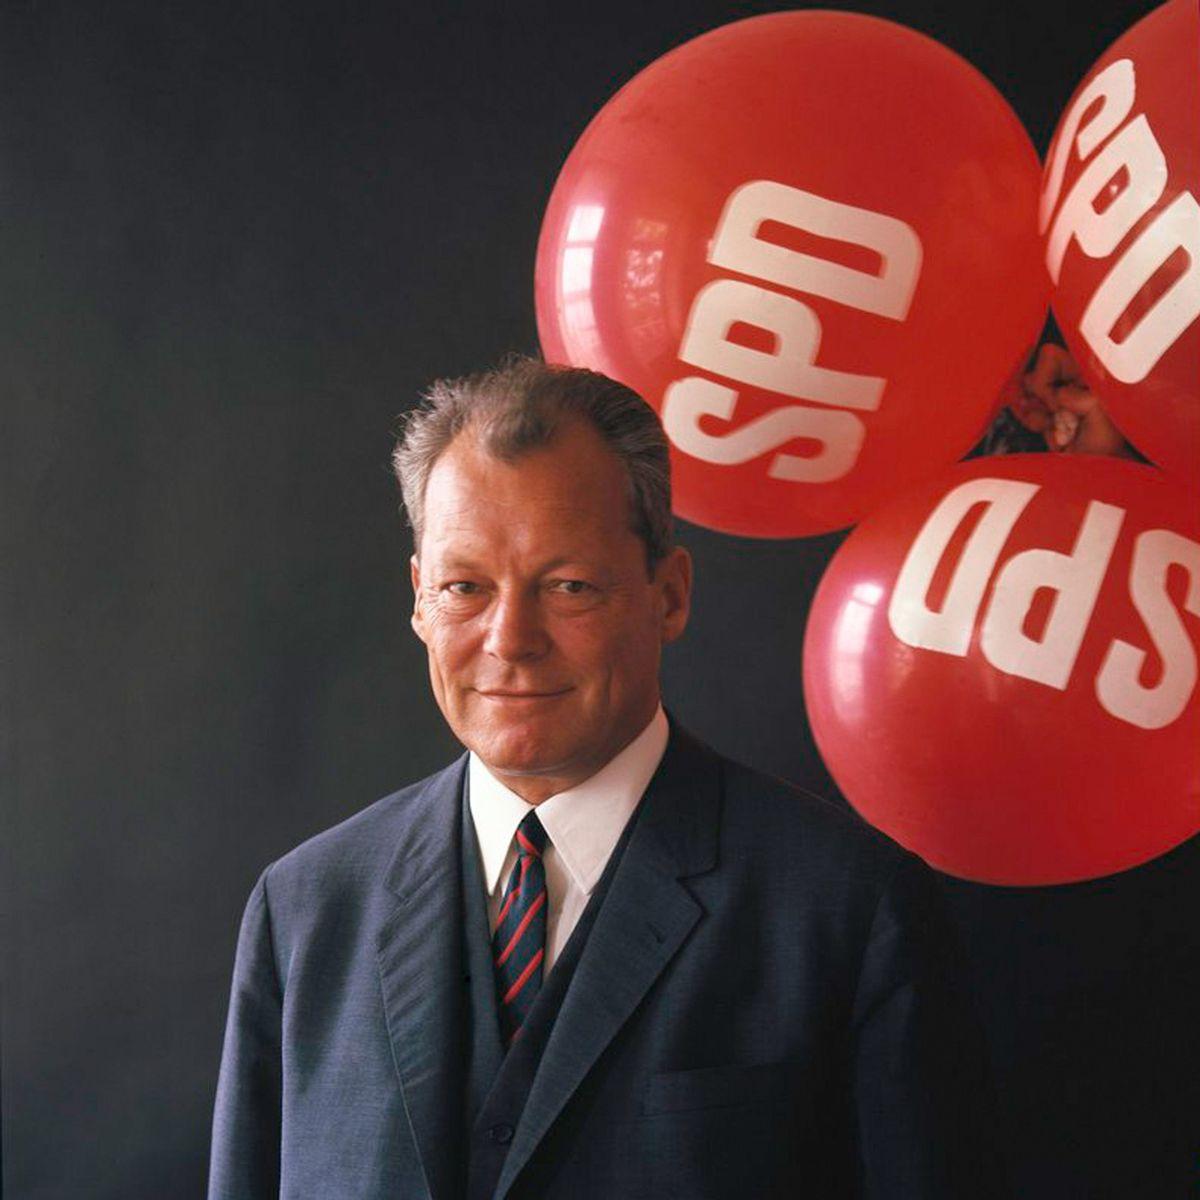 Bundeskanzler Brandt: Mehr Willy wagen - der Übervater der Sozialdemokraten